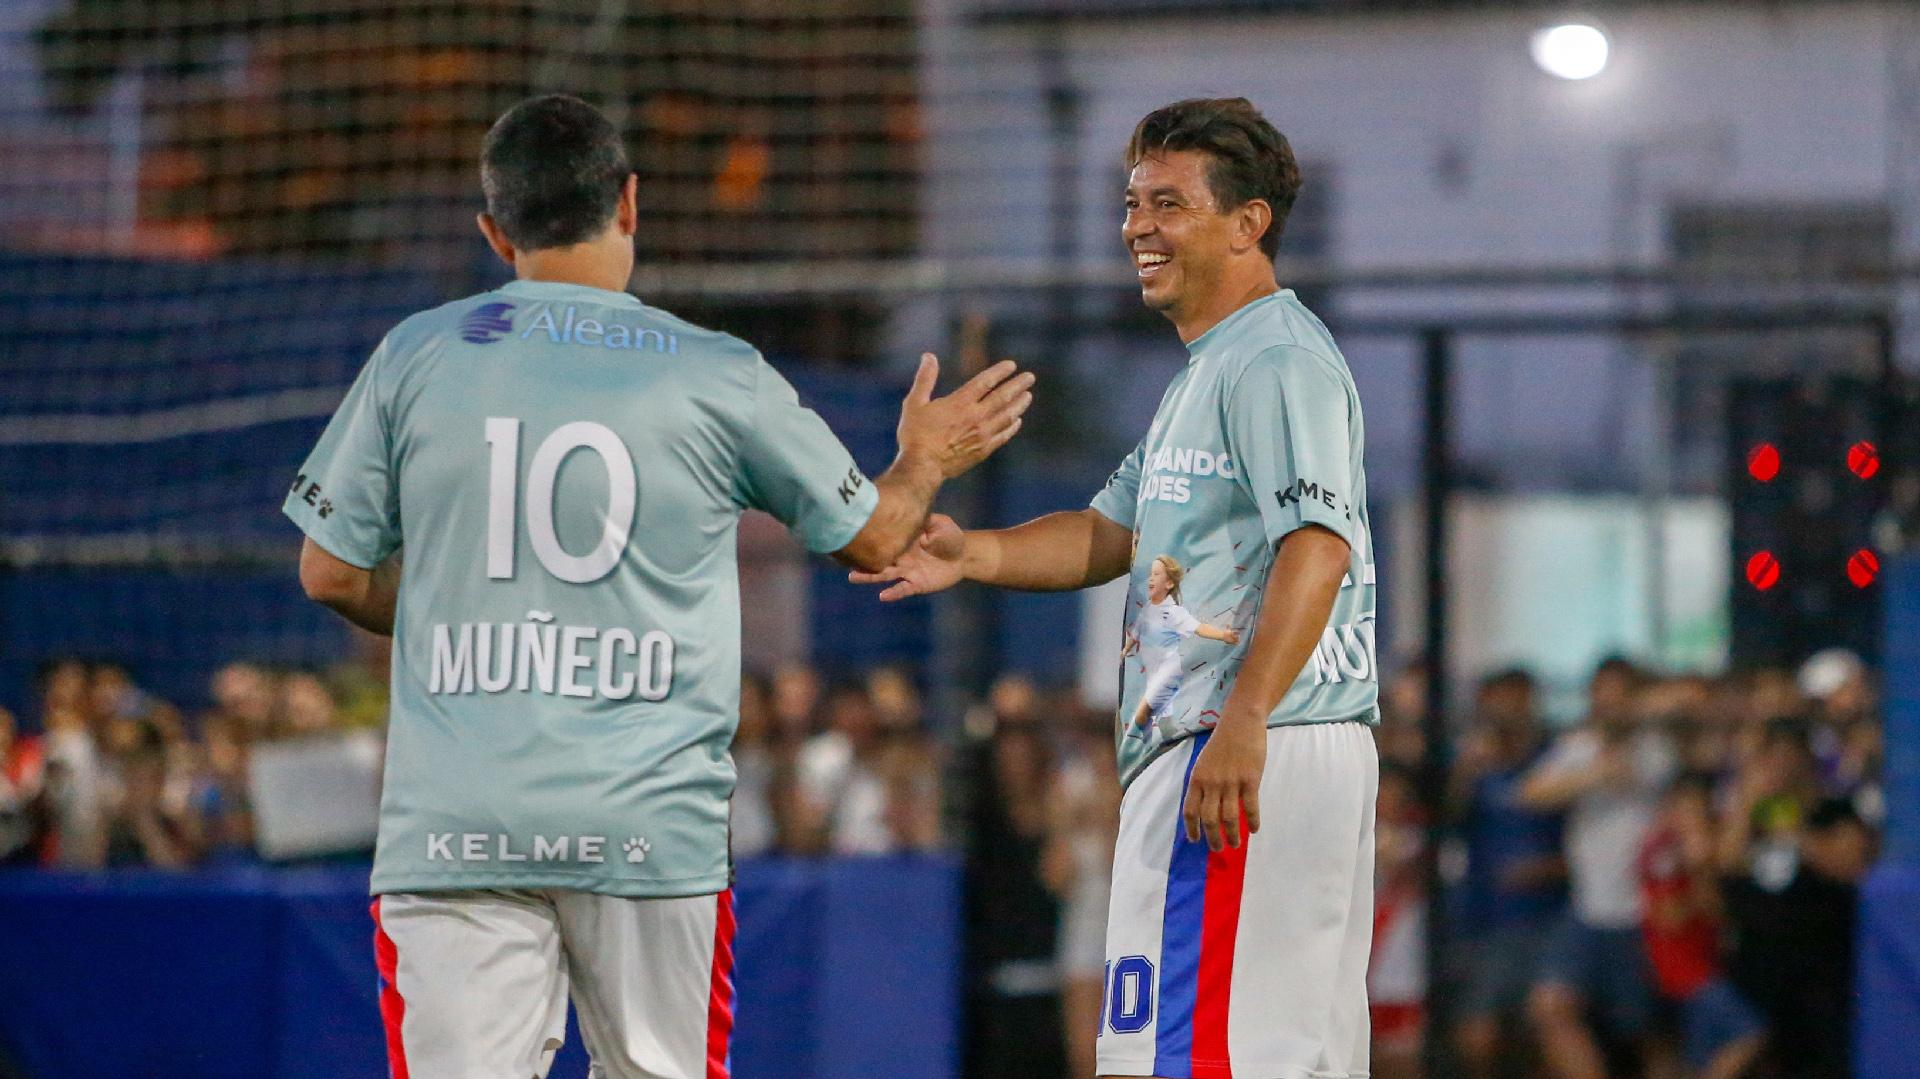 El Muñeco se mezcló en los dos equipos de 5, entre los que hubo amigos y conocidos suyos del barrio de Merlo; uno de ellos, Javier Bustos, preparador físico del cuerpo técnico de Diego Cocca y uno de los dueños de Laureles Argentinos